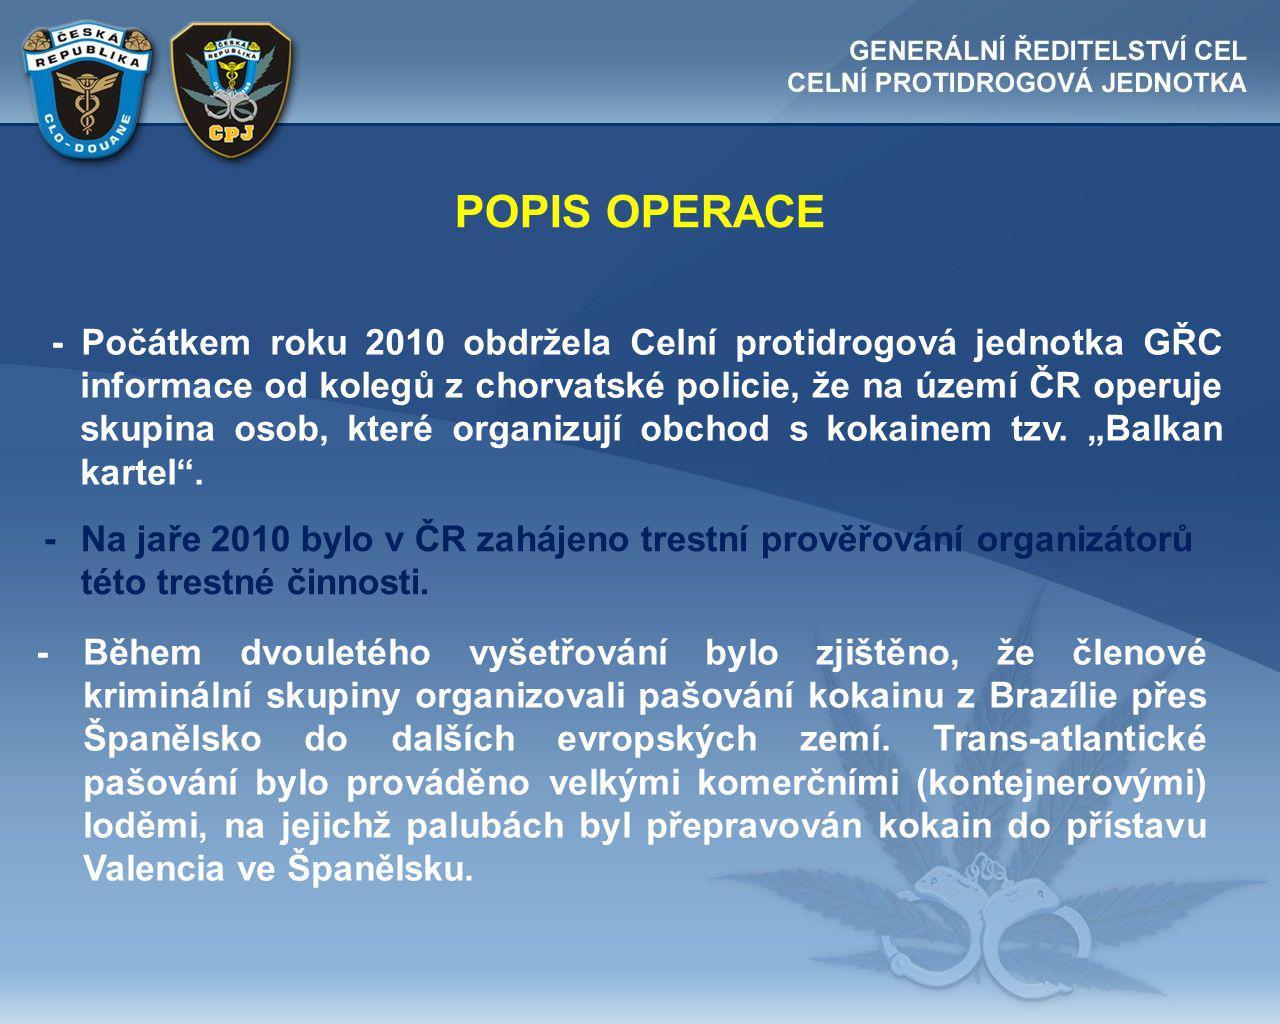 POPIS OPERACE - Počátkem roku 2010 obdržela Celní protidrogová jednotka GŘC informace od kolegů z chorvatské policie, že na území ČR operuje skupina osob, které organizují obchod s kokainem tzv.